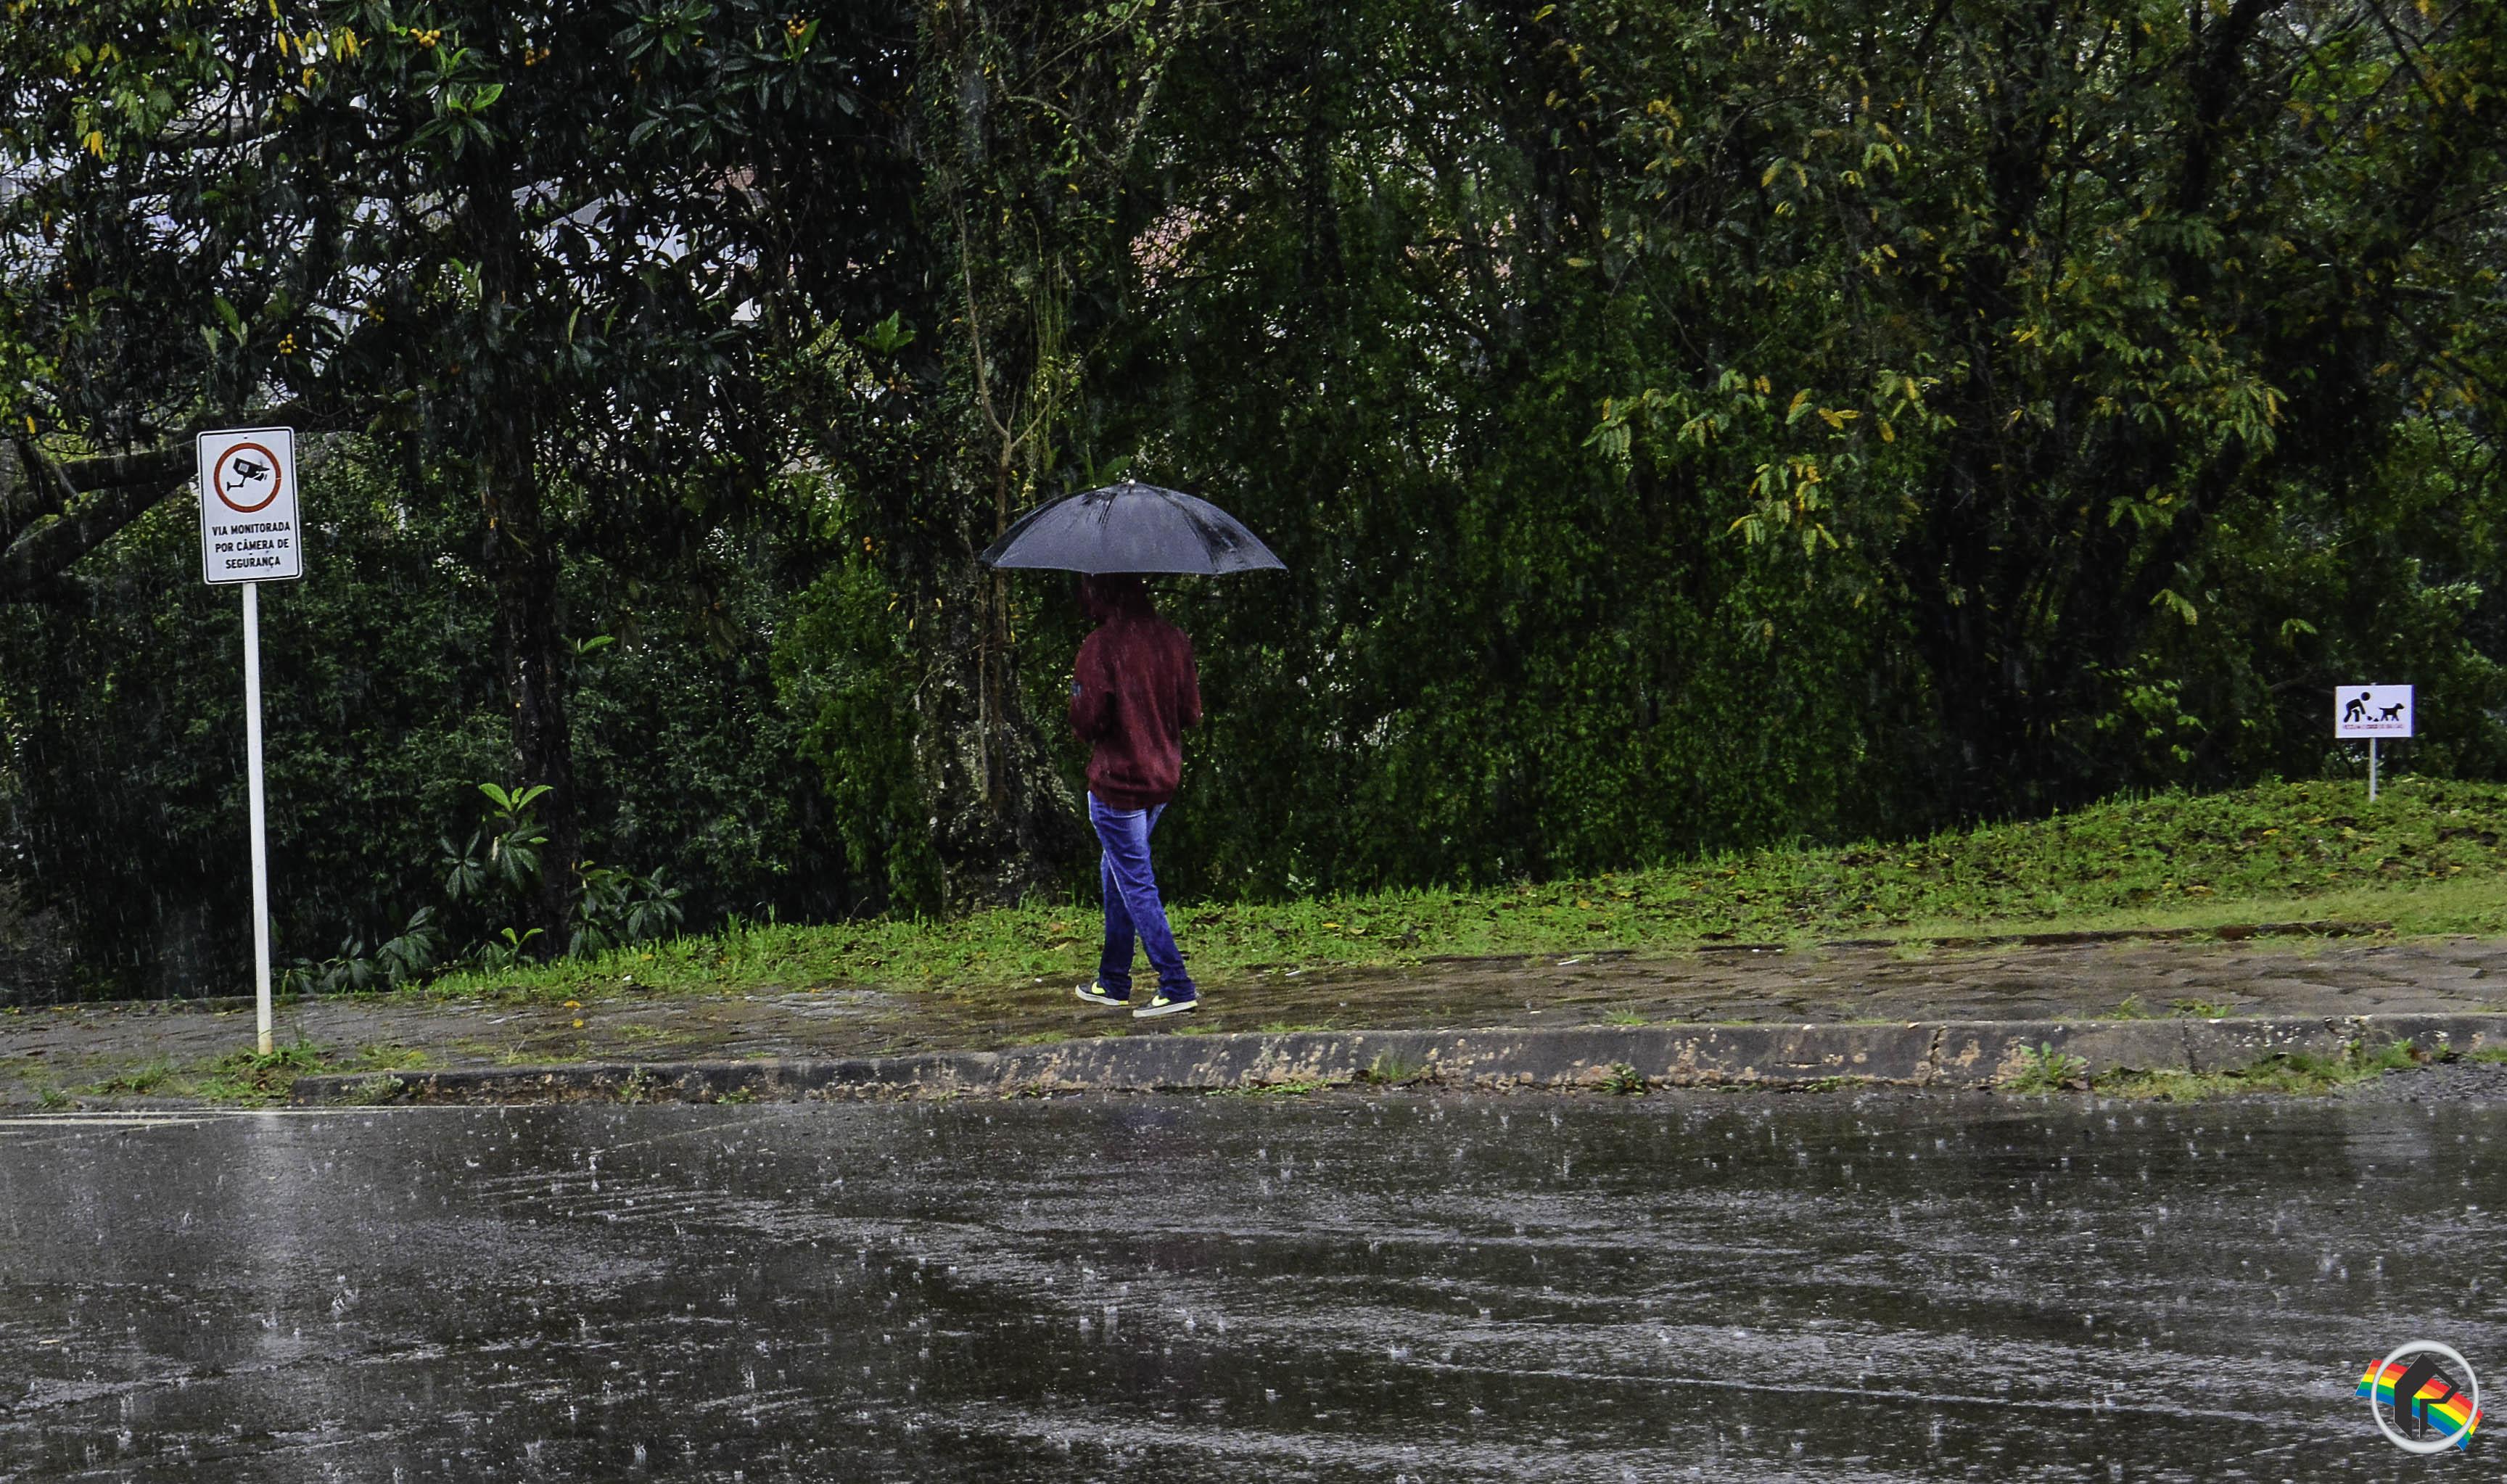 Chuva persiste nesta segunda, mas tempo começa a melhorar no Oeste